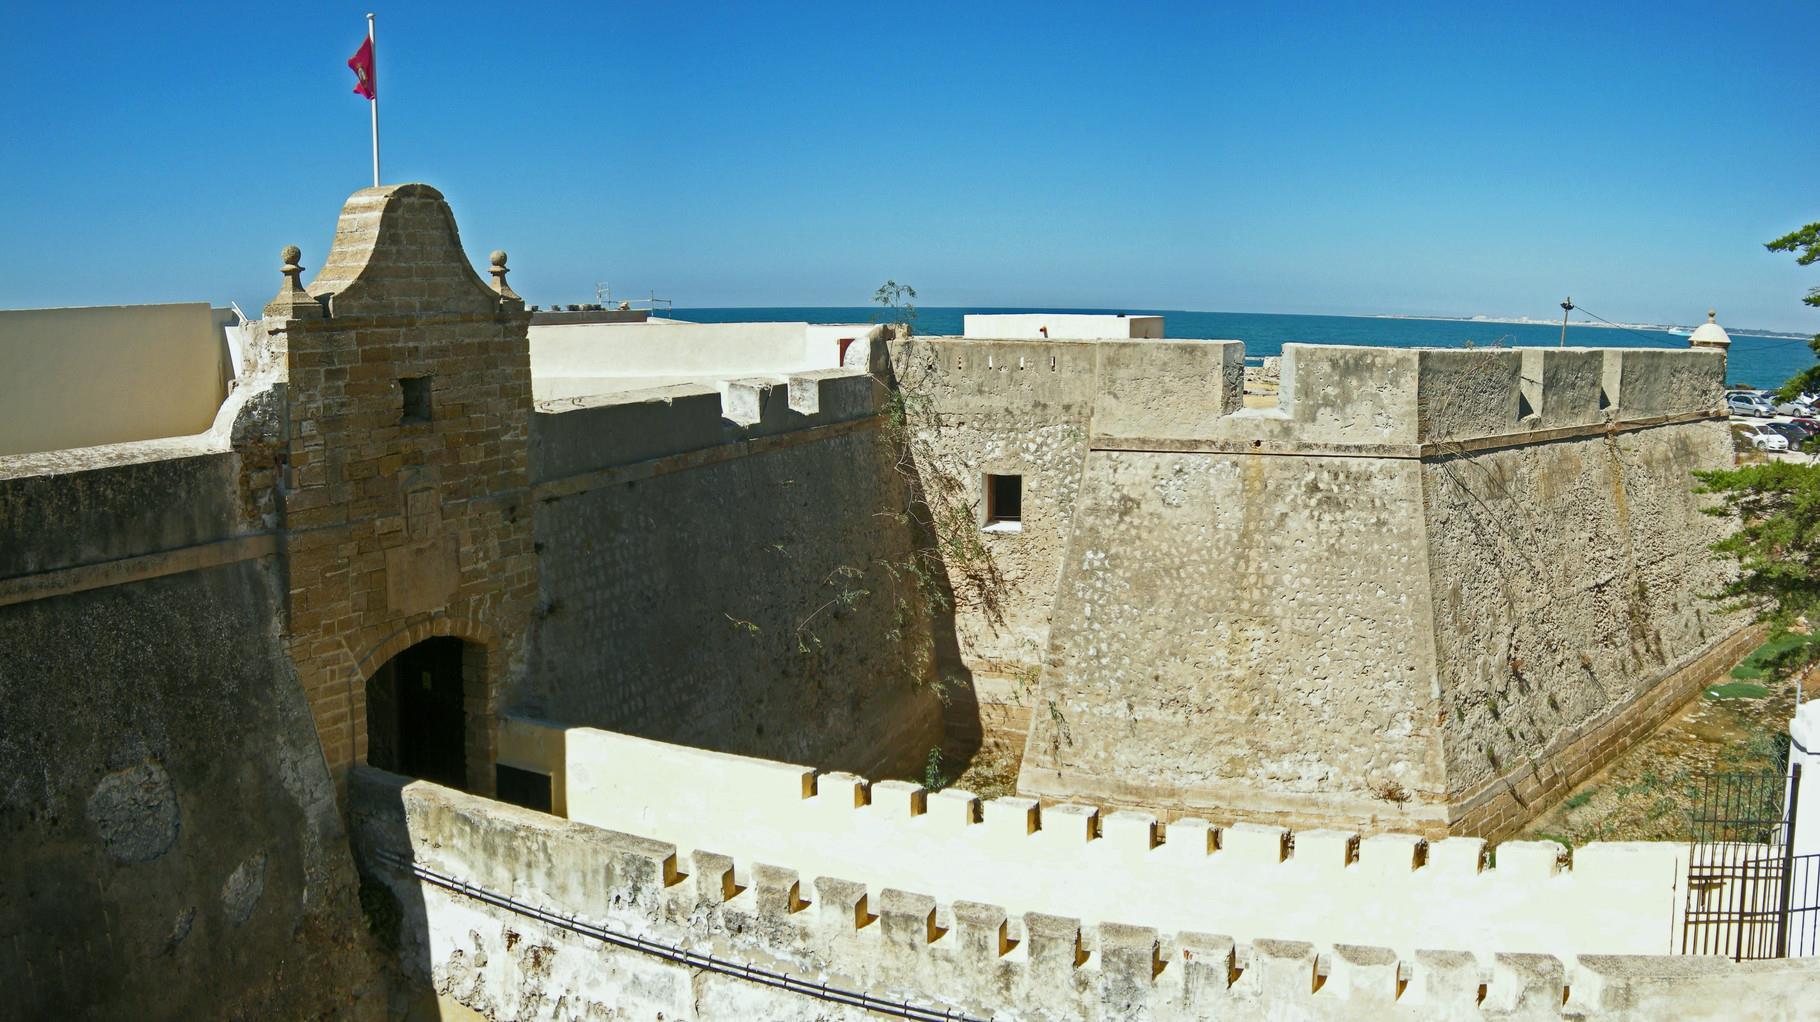 Free-Tour-Caleta-y-Castillos-de-Cadiz-1